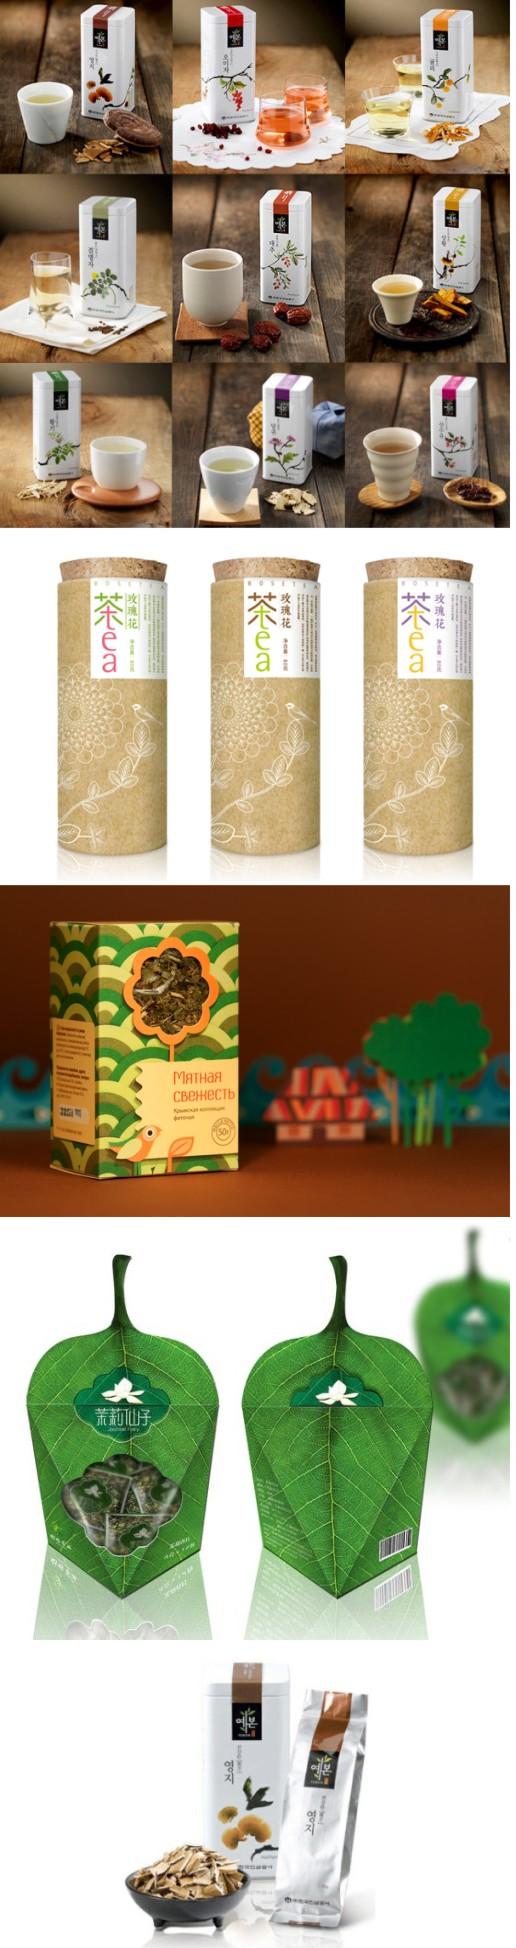 一组经典花茶包装设计